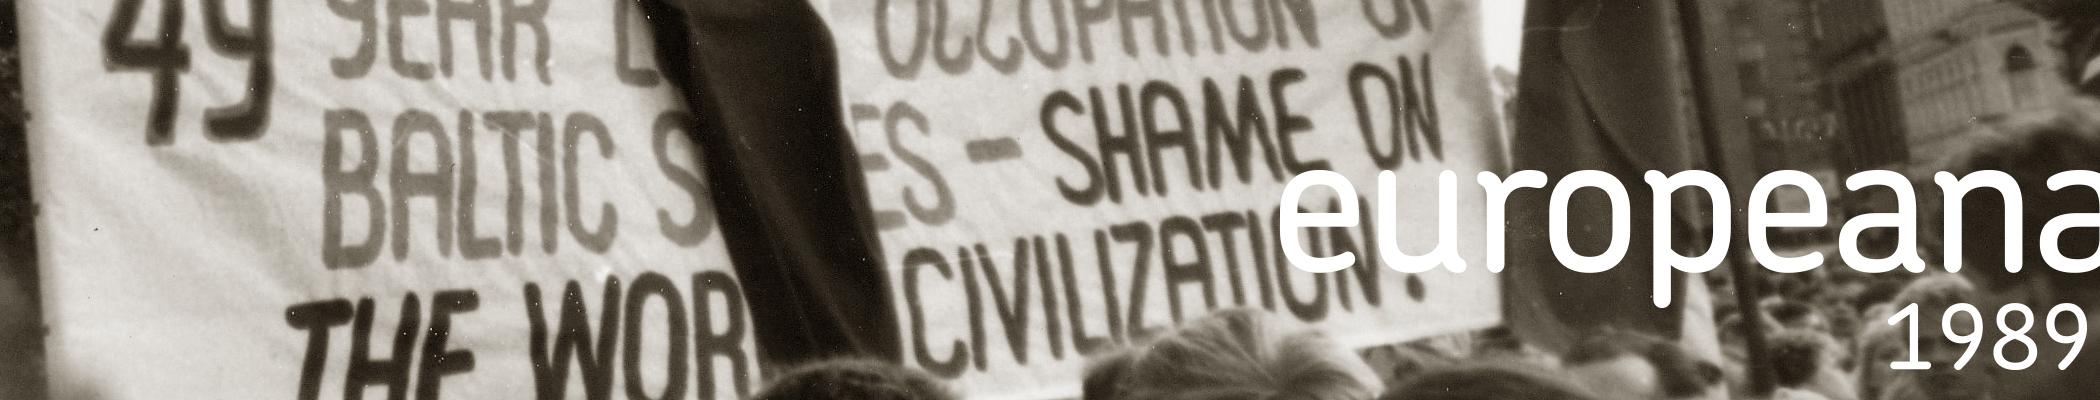 Baltischer Weg - Fotos von der Demonstration in Riga 23.08.1989 Item 5